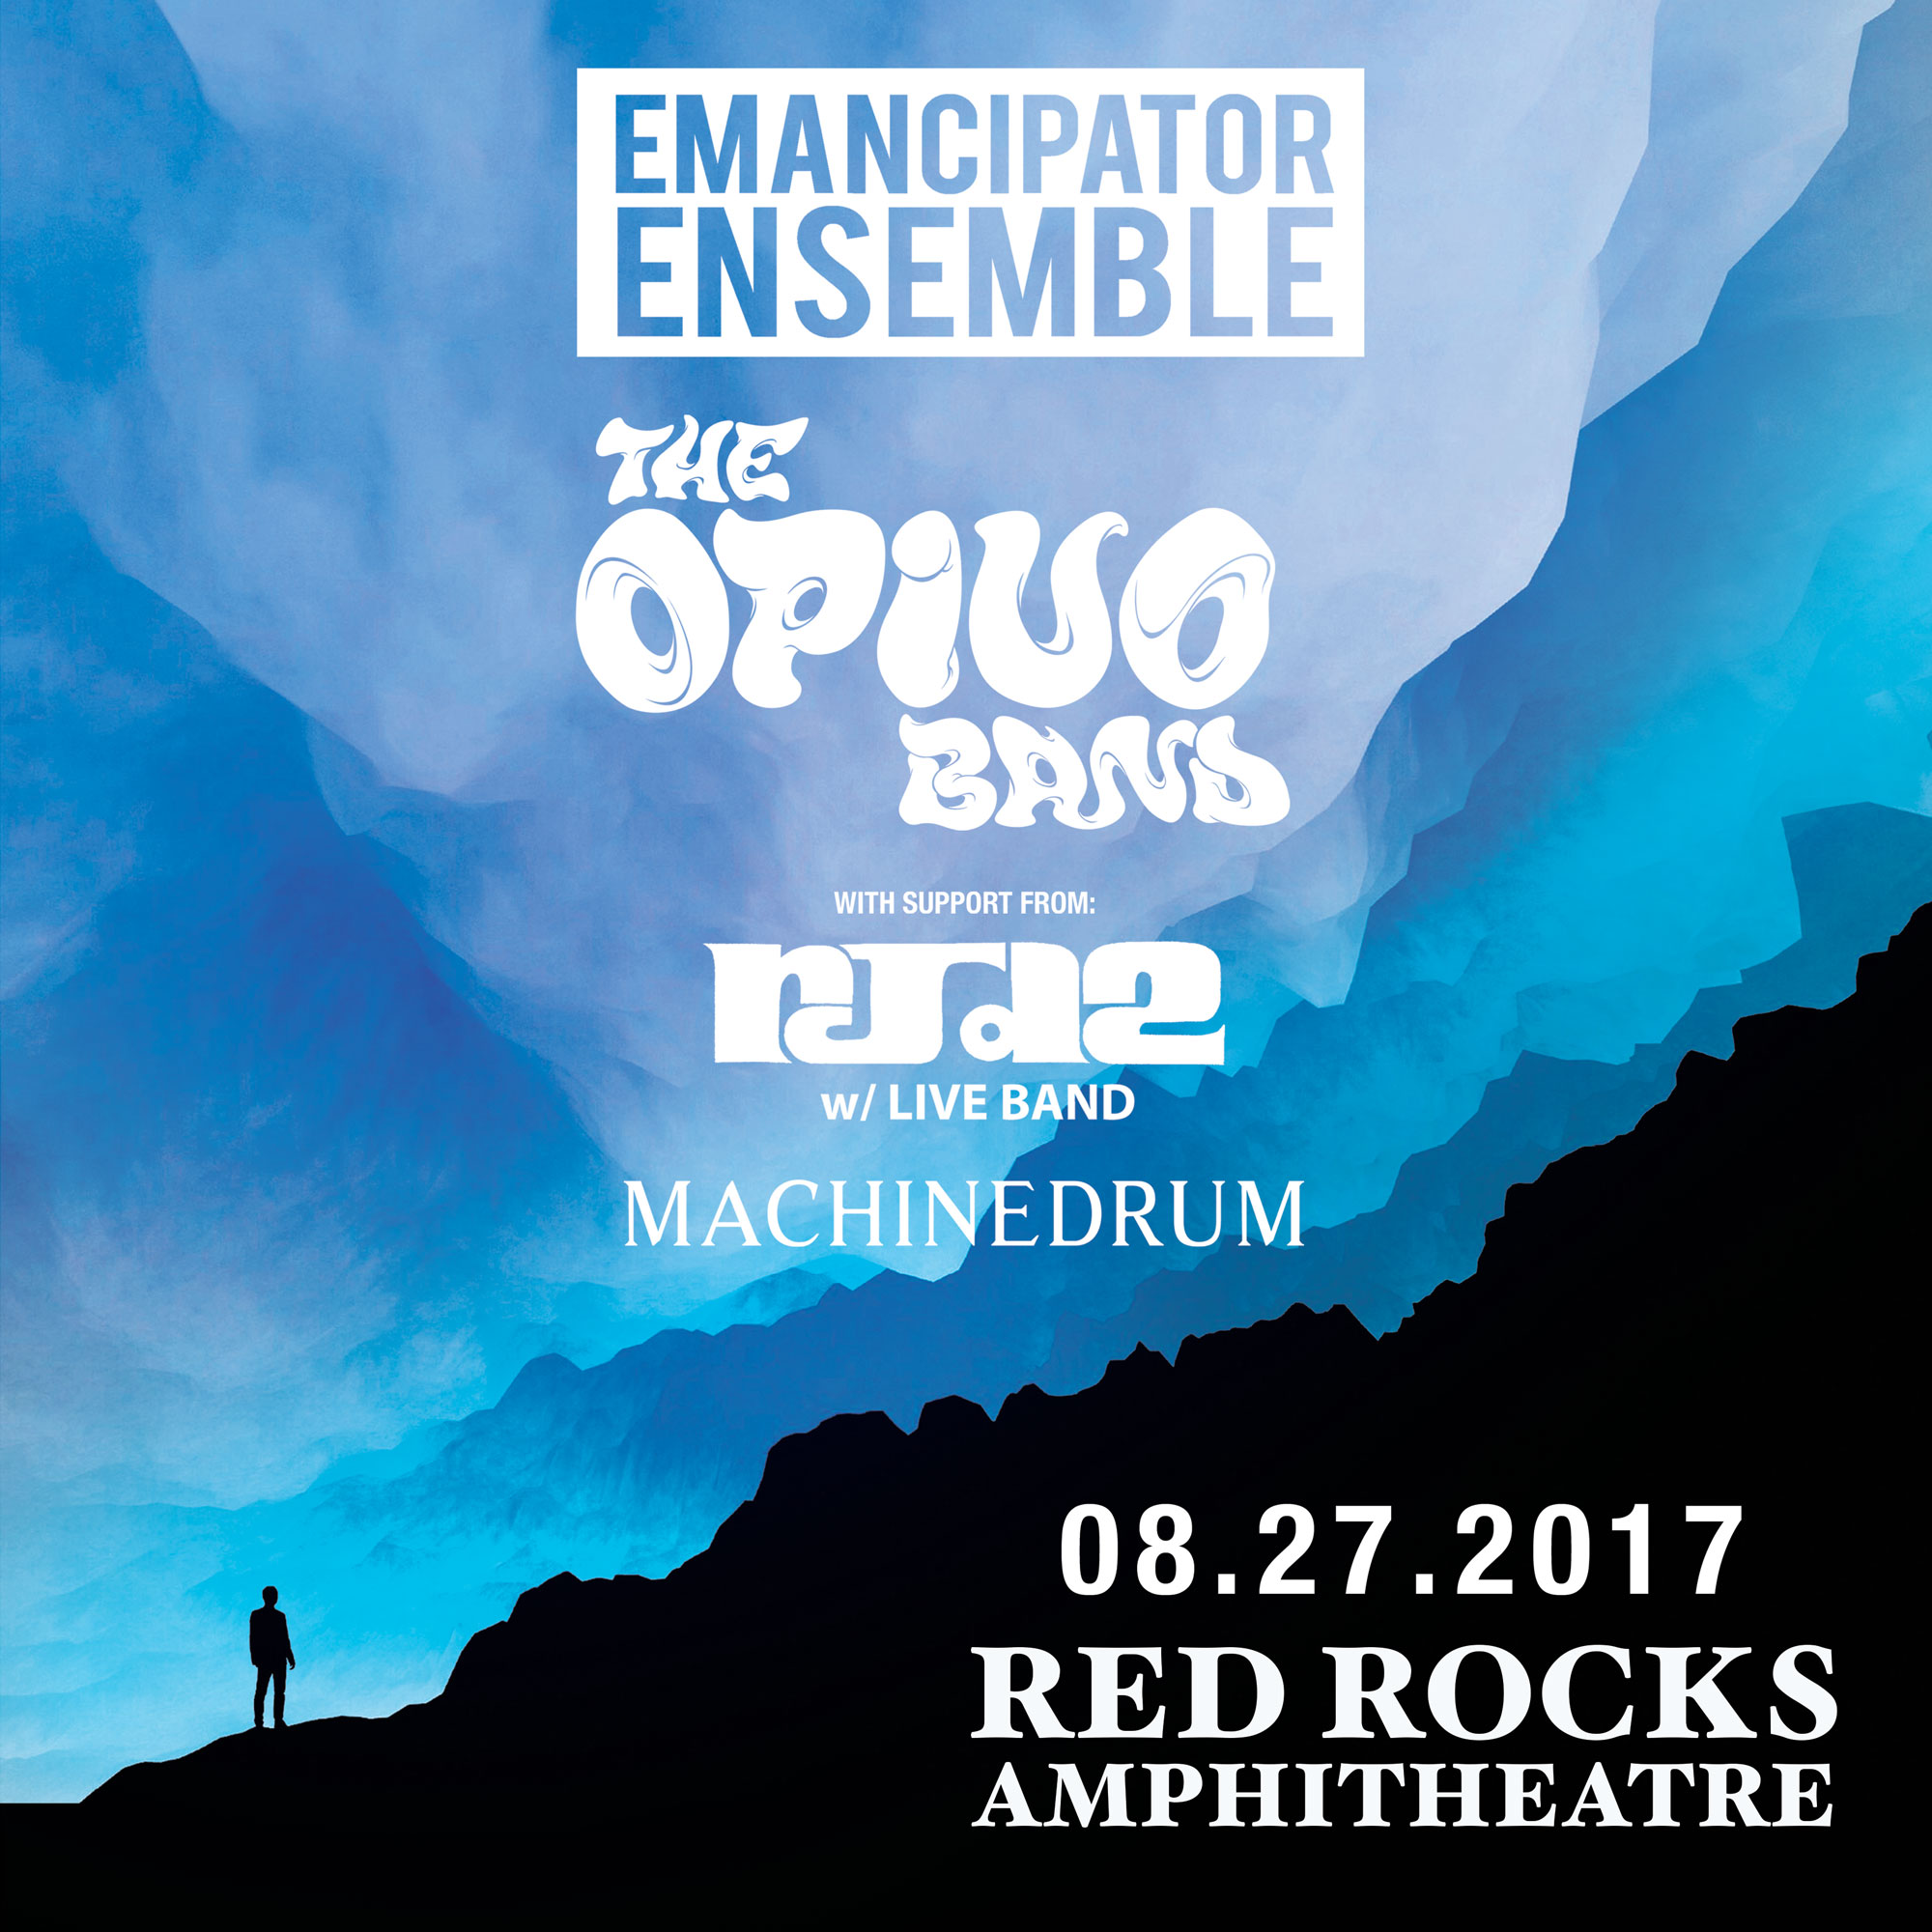 emanc_opiu_rrx_blue_squareinsta